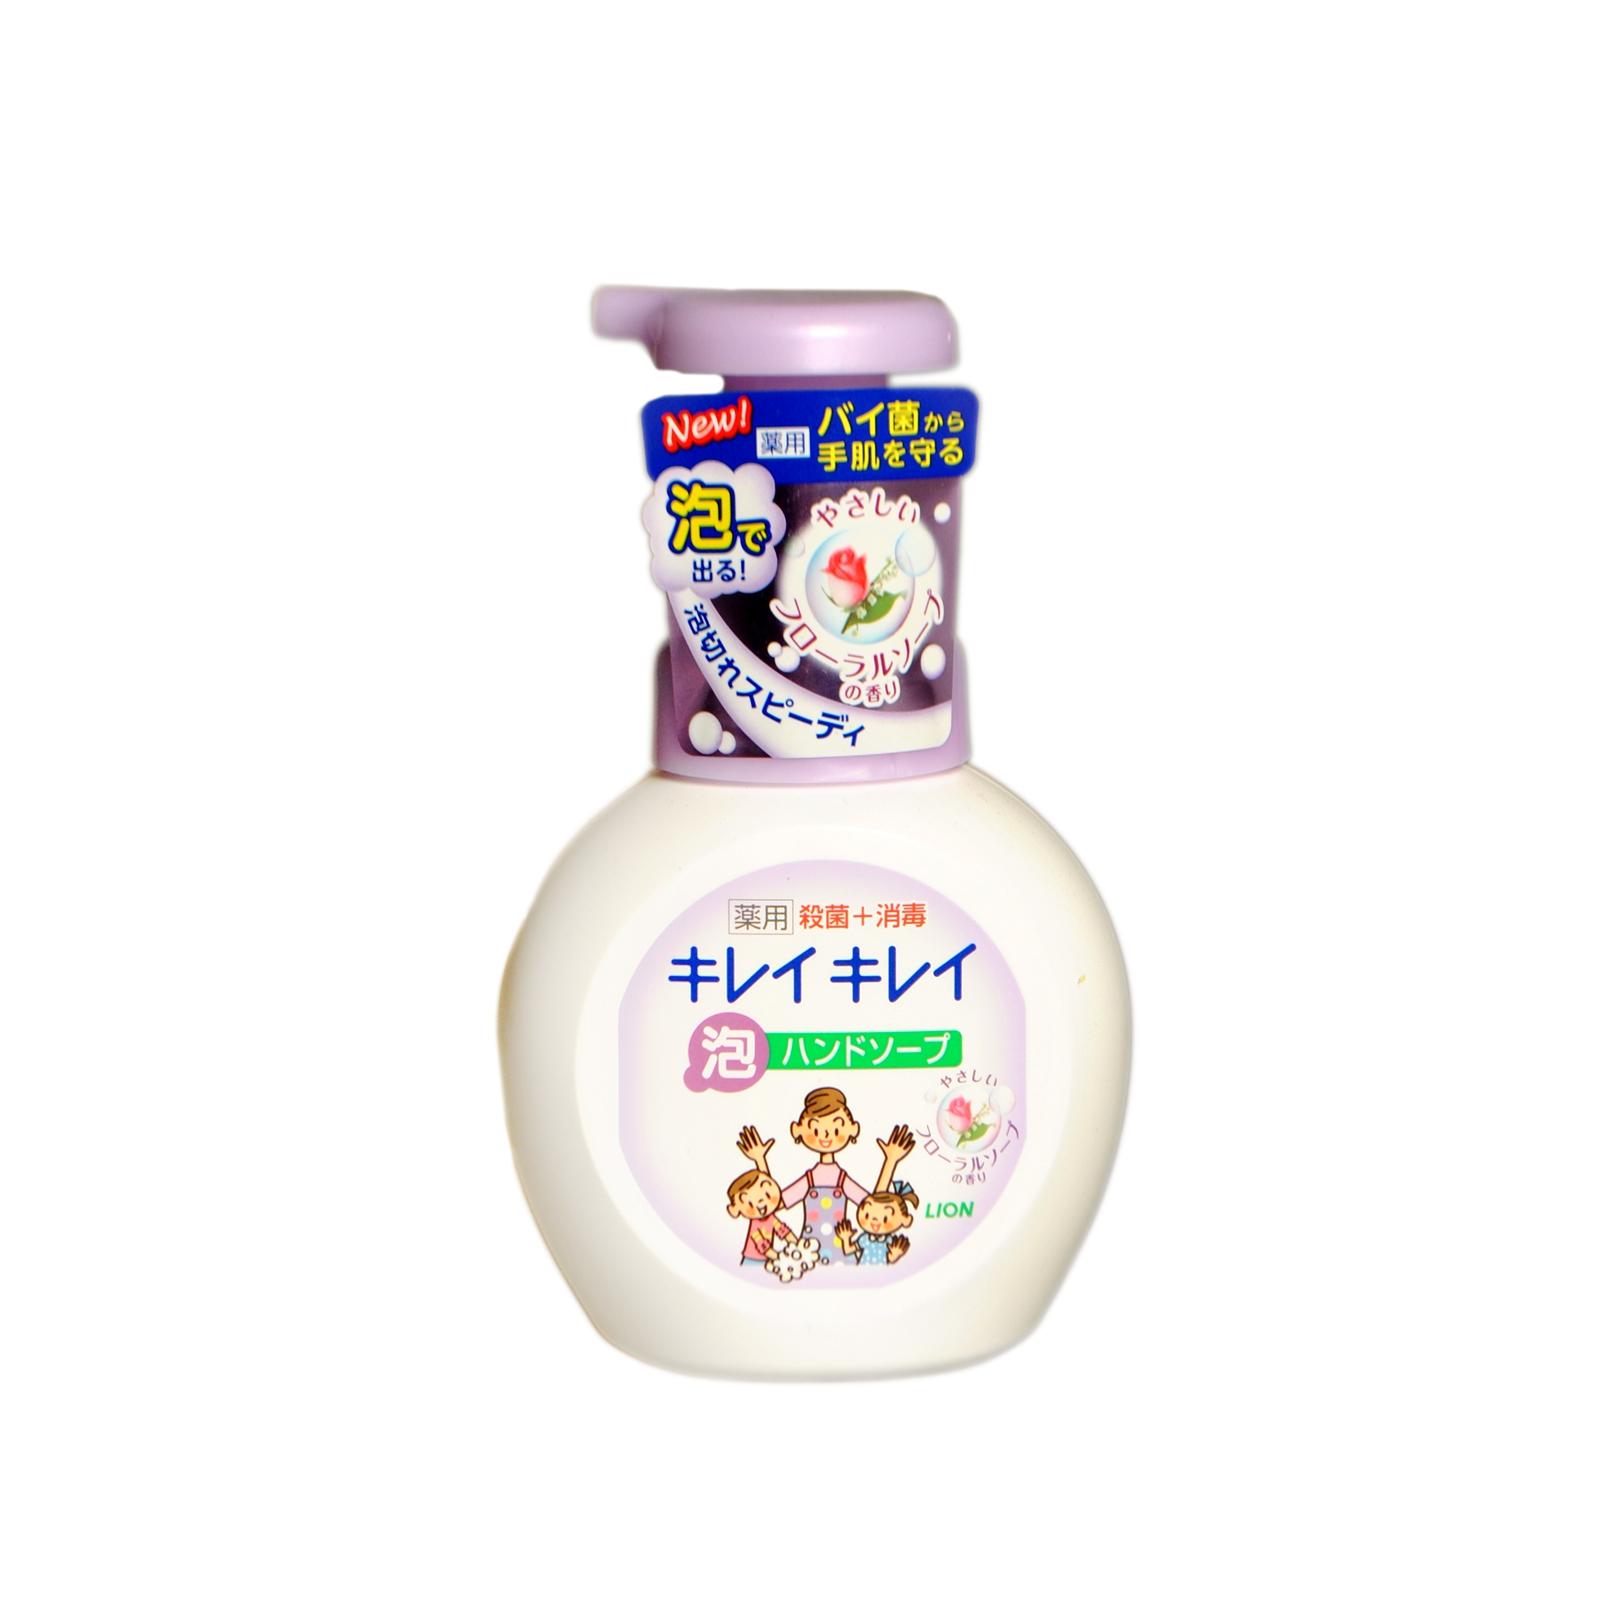 Жидкое мыло для рук Lion KireiKirei с цветочным ароматом (запасная упаковка) 250 мл<br>